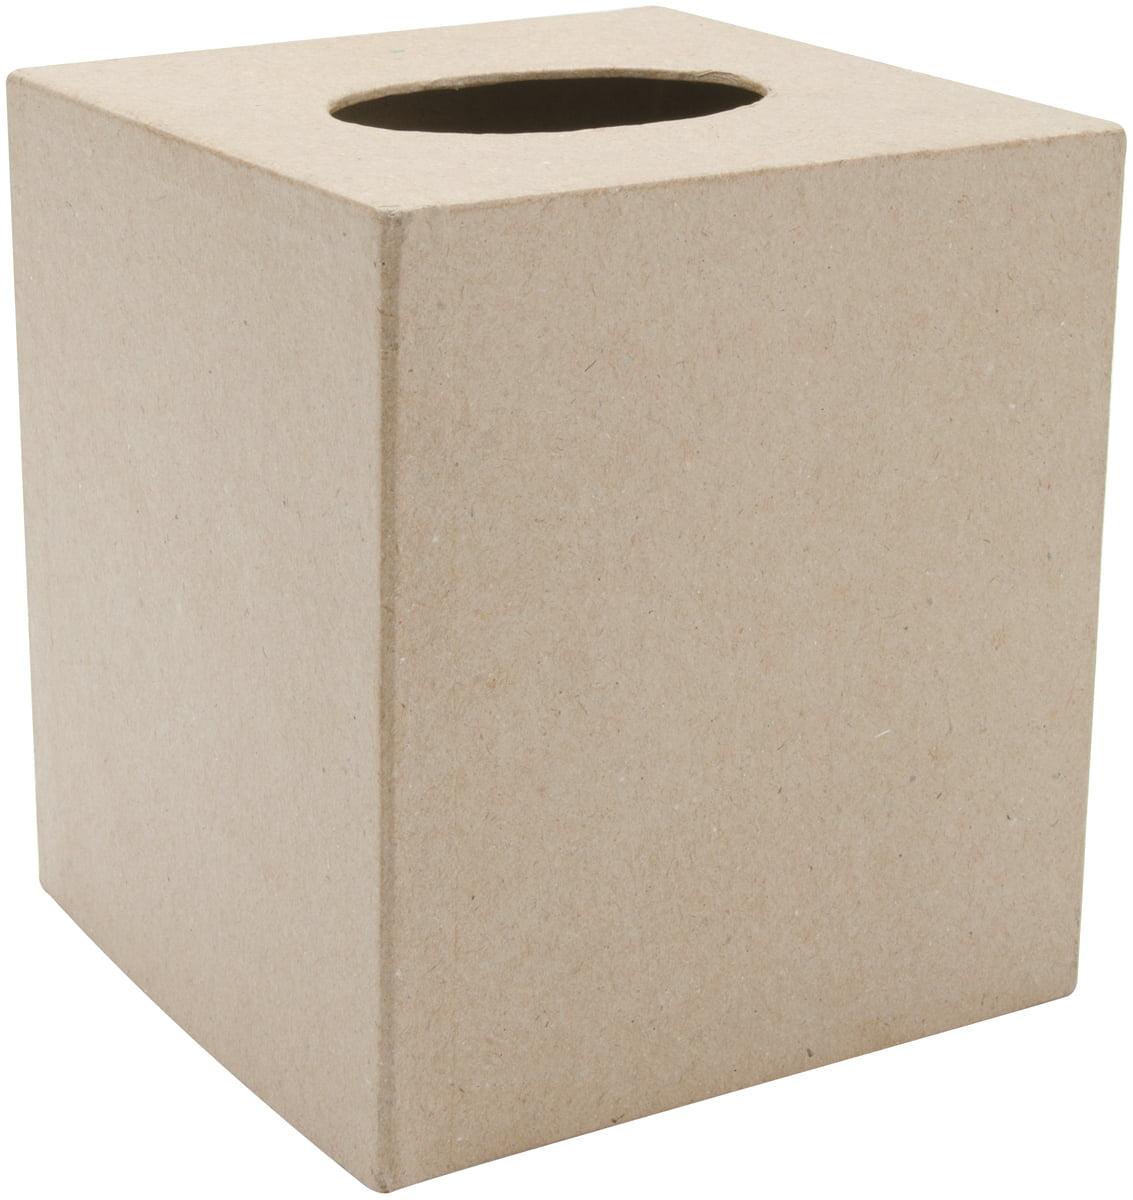 Asian Bird Paper Mache Tissue Box Cover